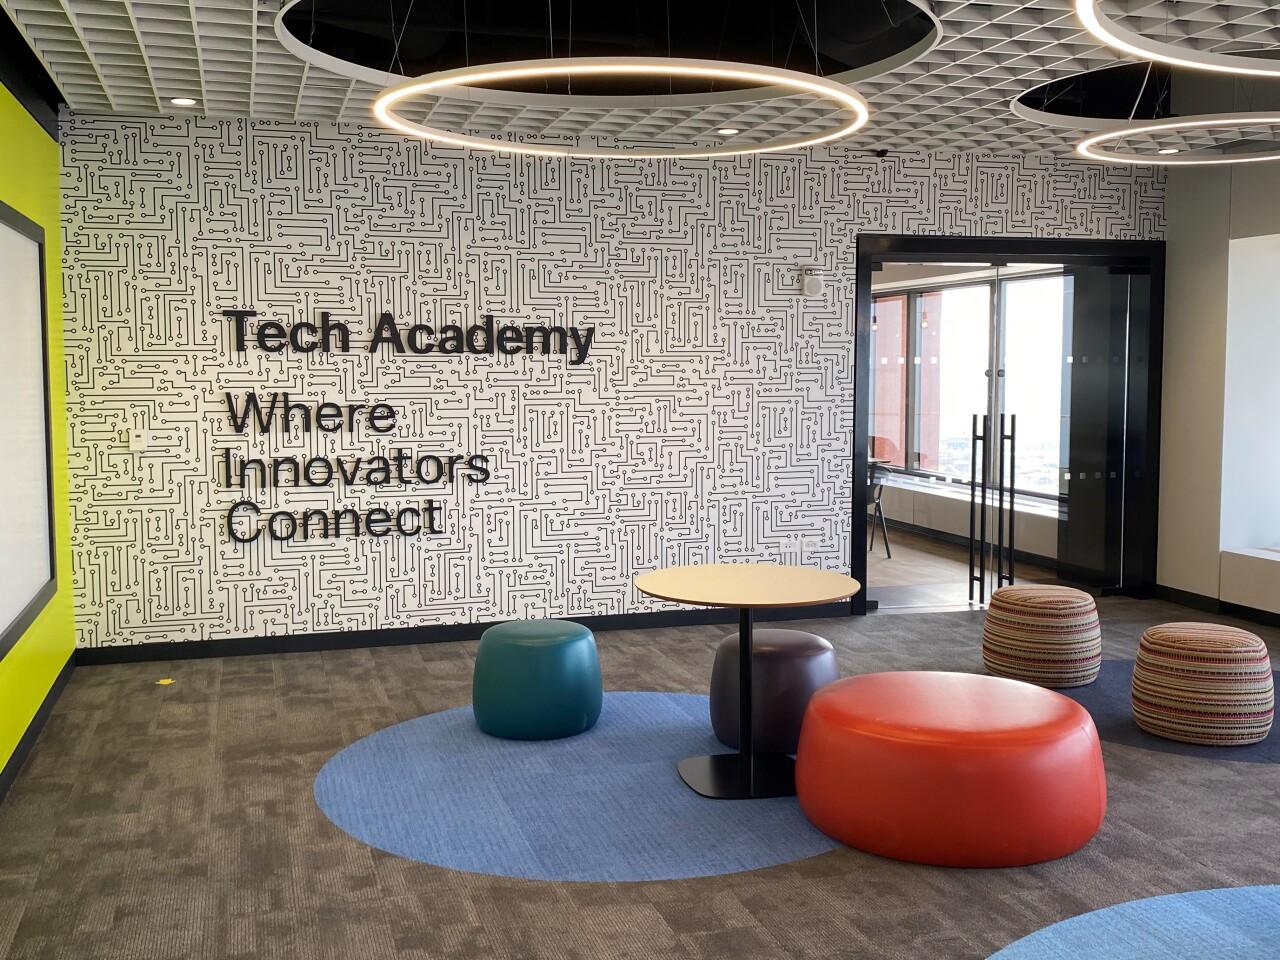 MT Tech Academy.jpg